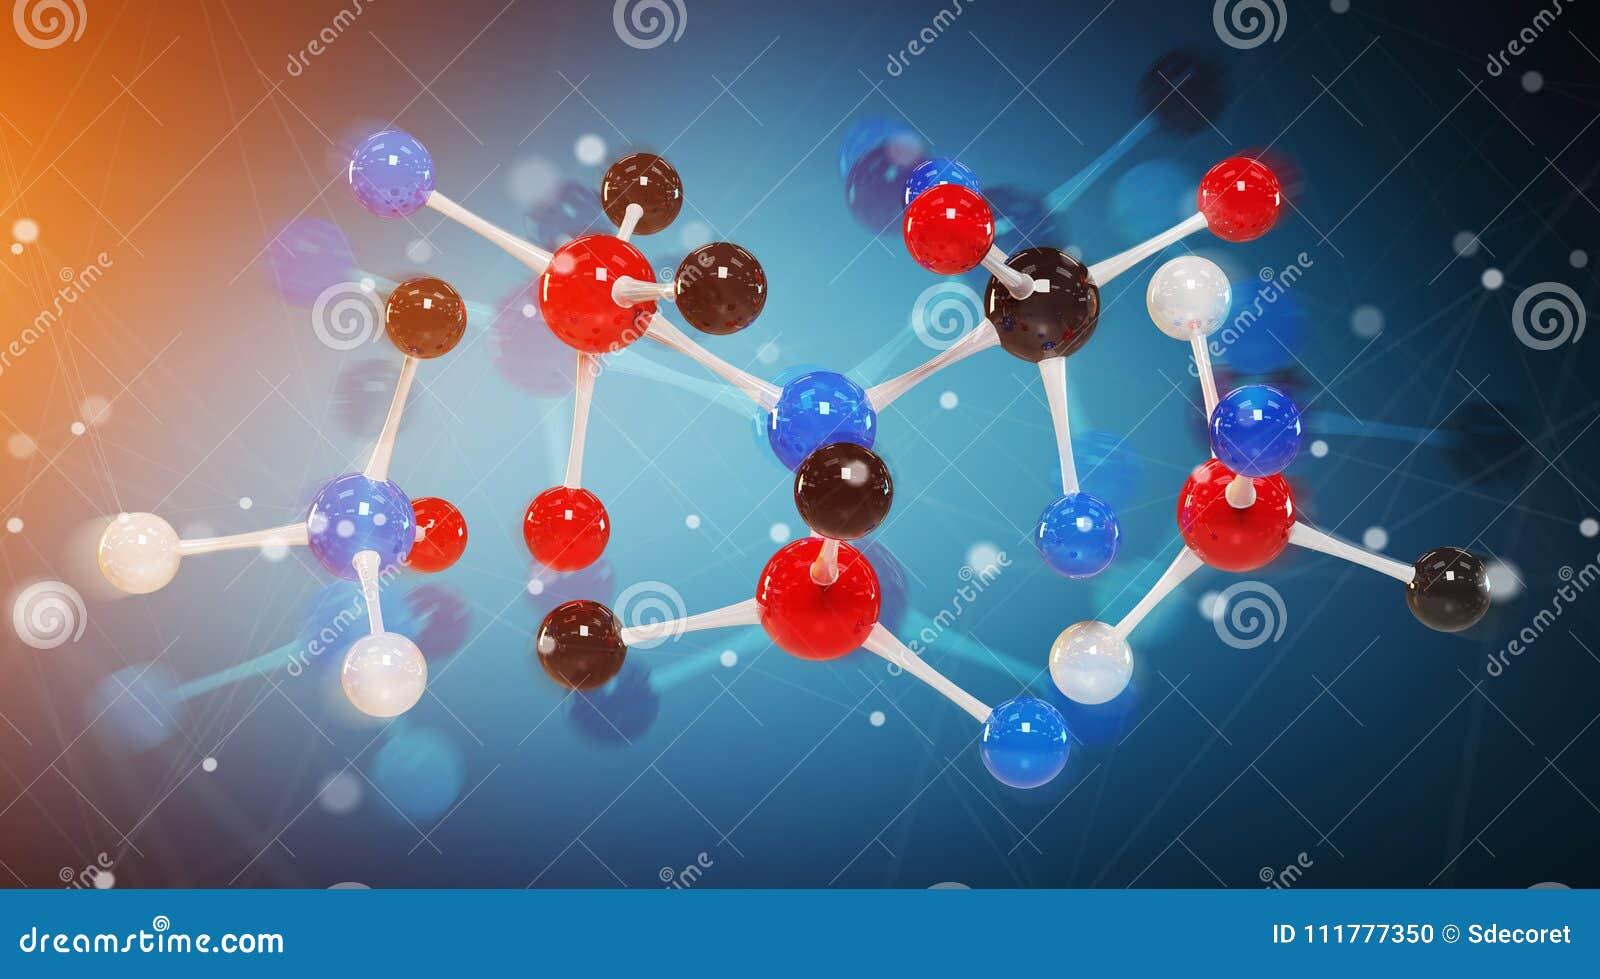 Rendu numérique moderne de la structure 3D de molécule